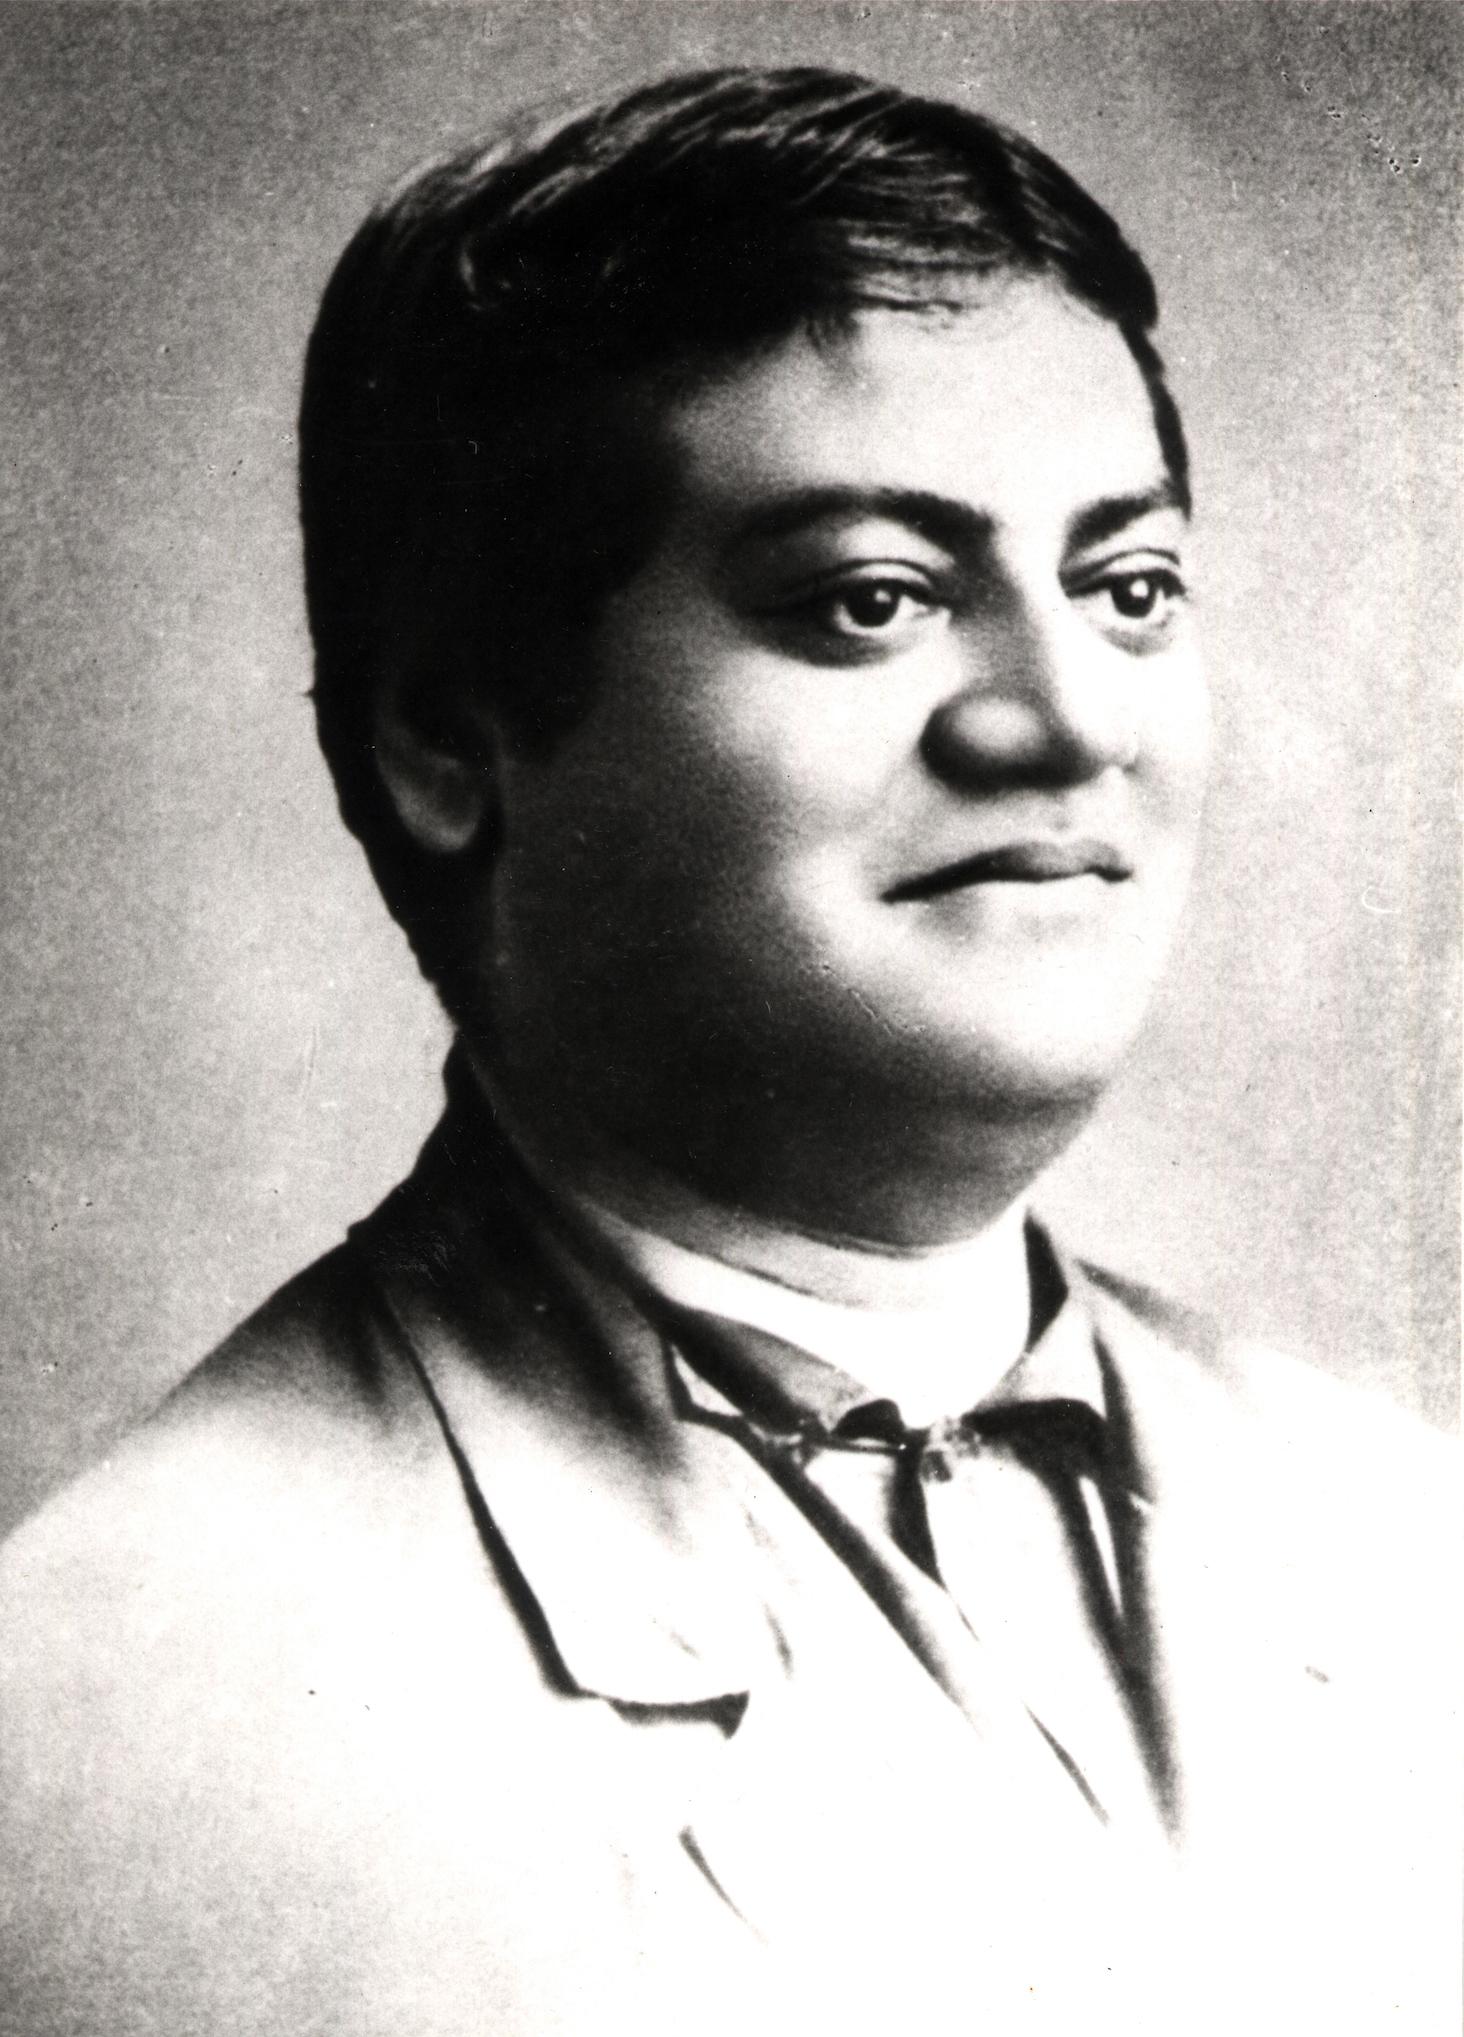 Black and white photo portrait of Swami Vivekananda.